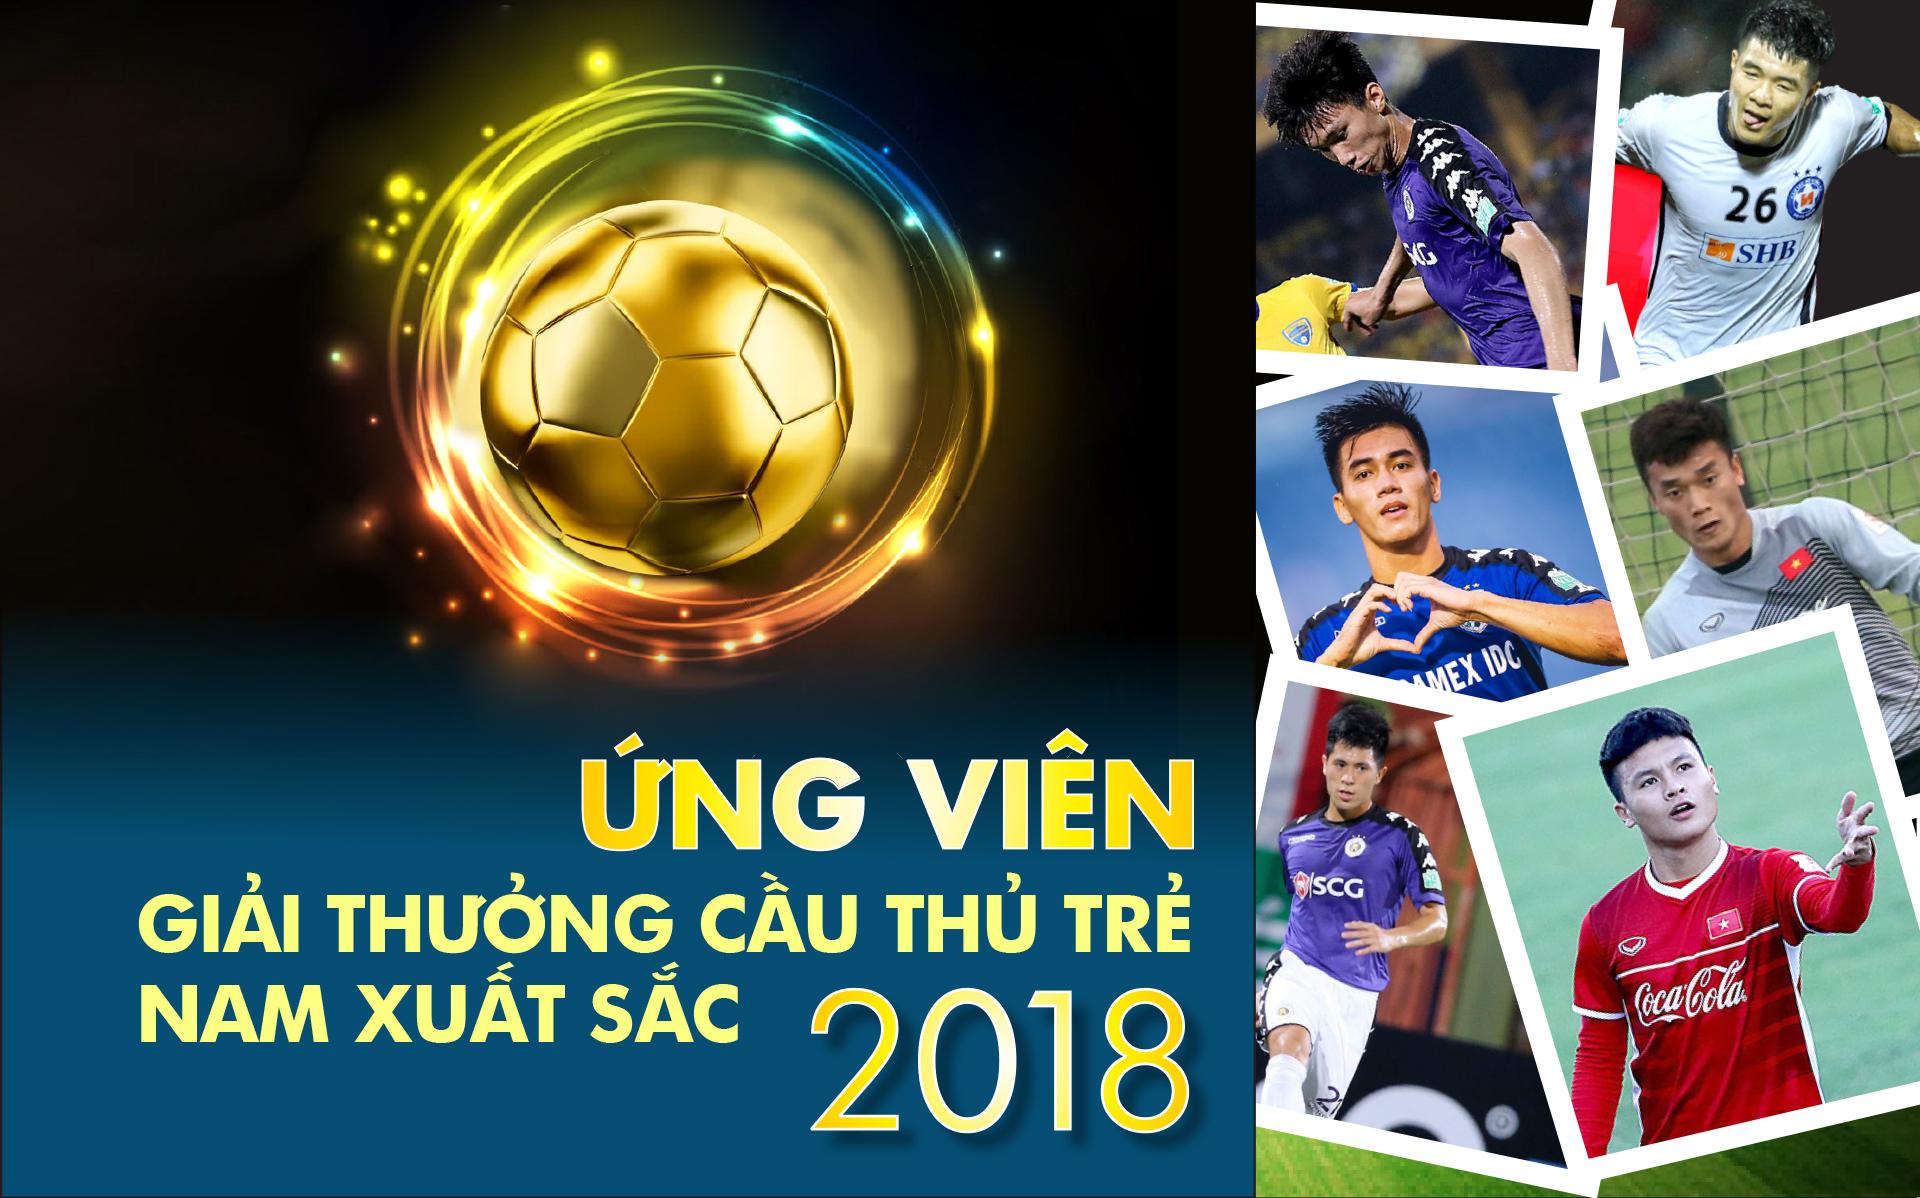 Danh sách ứng viên giải thưởng Cầu thủ trẻ nam xuất sắc 2018